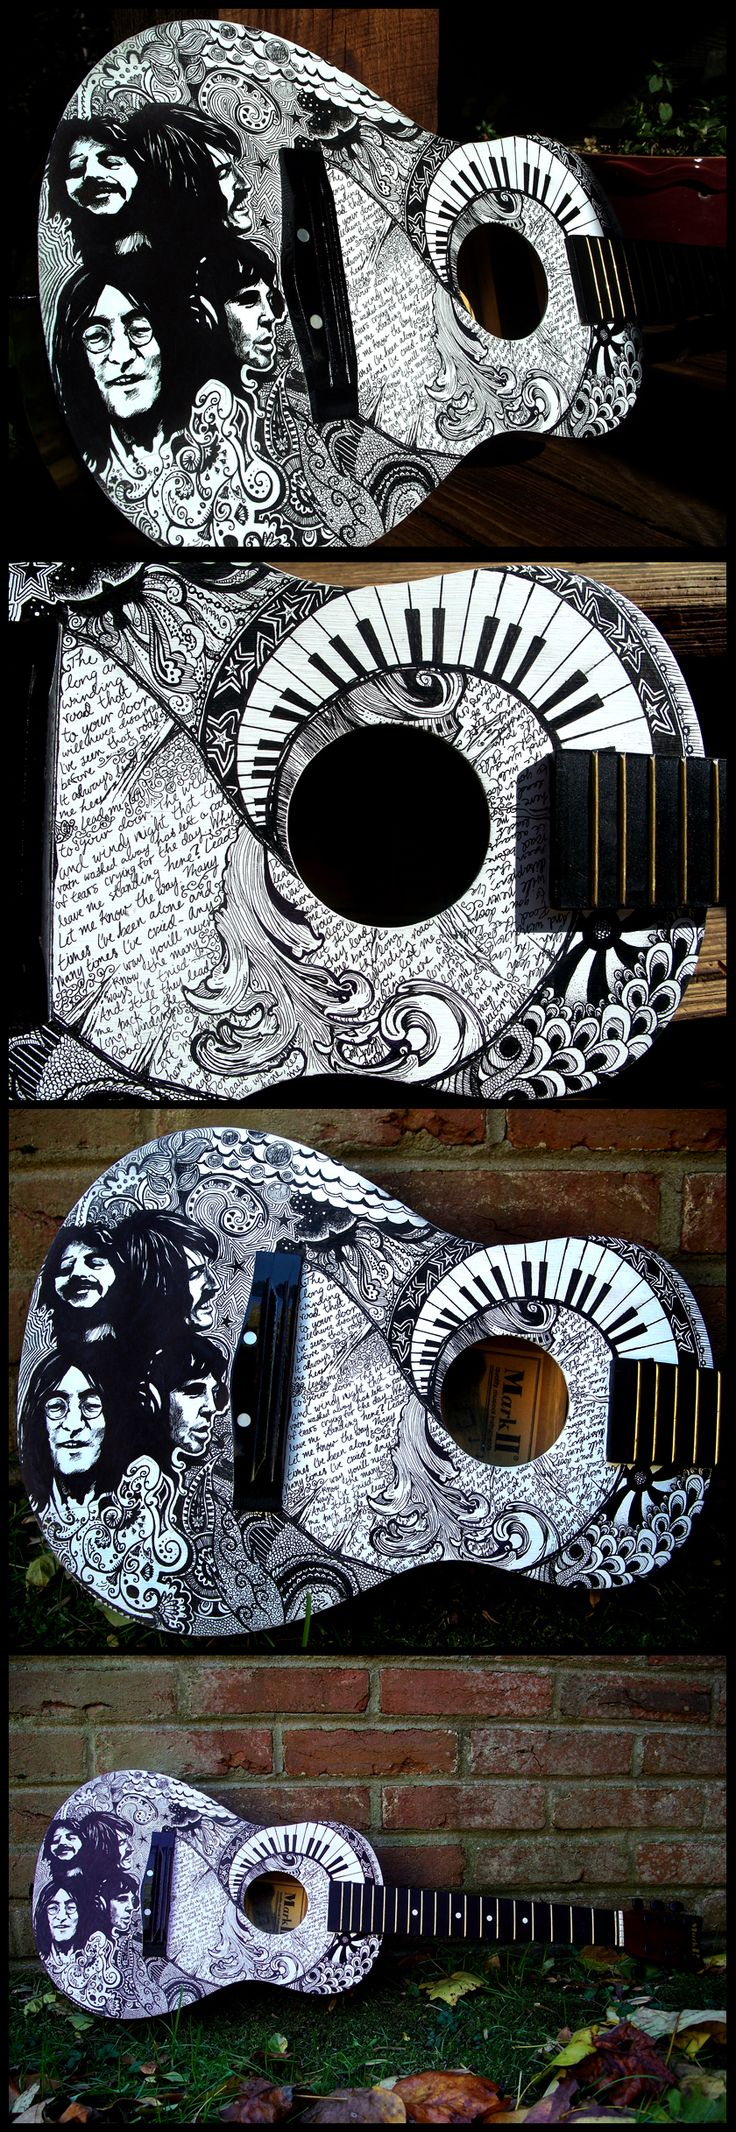 El arte en guitarras - Parte 2..Pero estaba mjor la 1.. - Taringa!                                                                                                                                                                                 Más